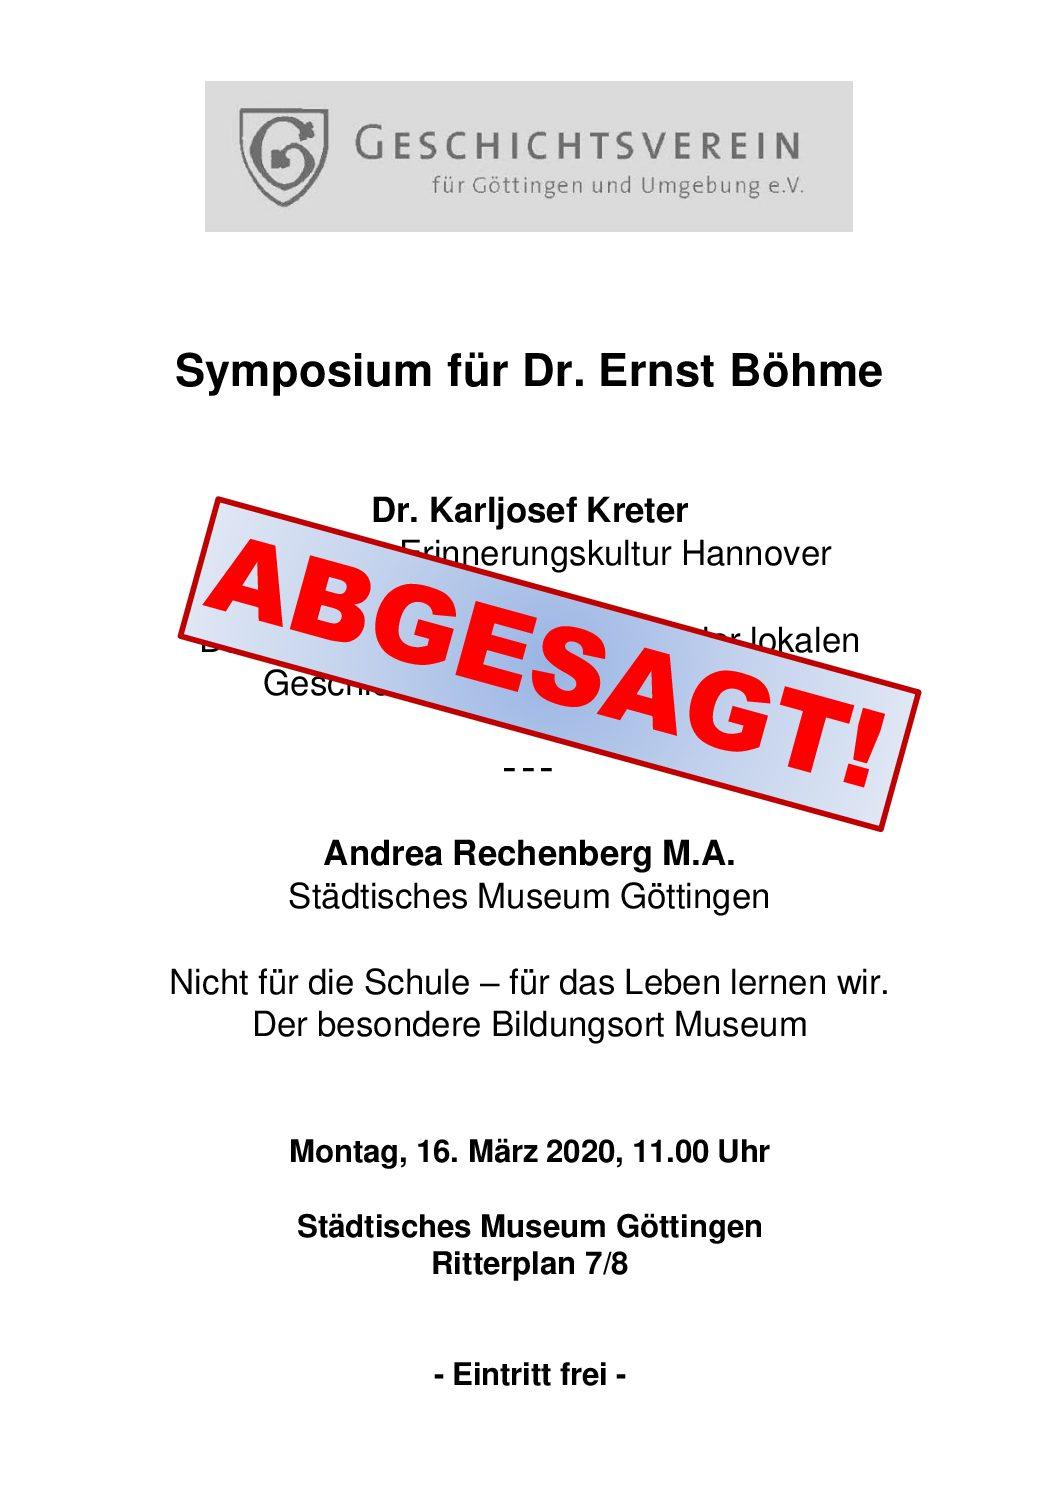 ABGESAGT! – Symposium für Dr. Ernst Böhme